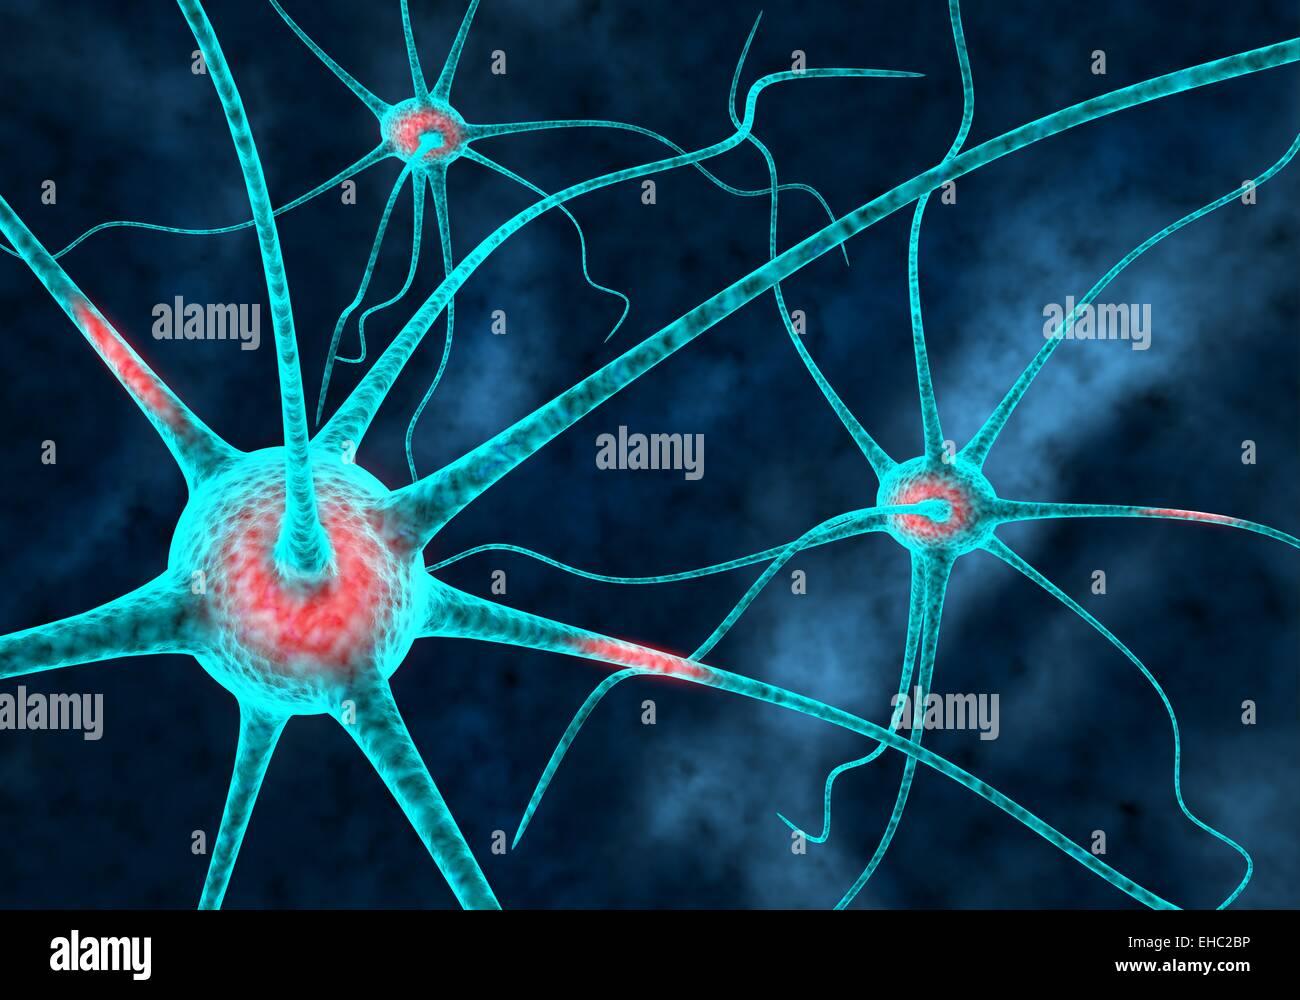 Les neurones du cerveau connecté illustration avec les axones et fond sombre Photo Stock